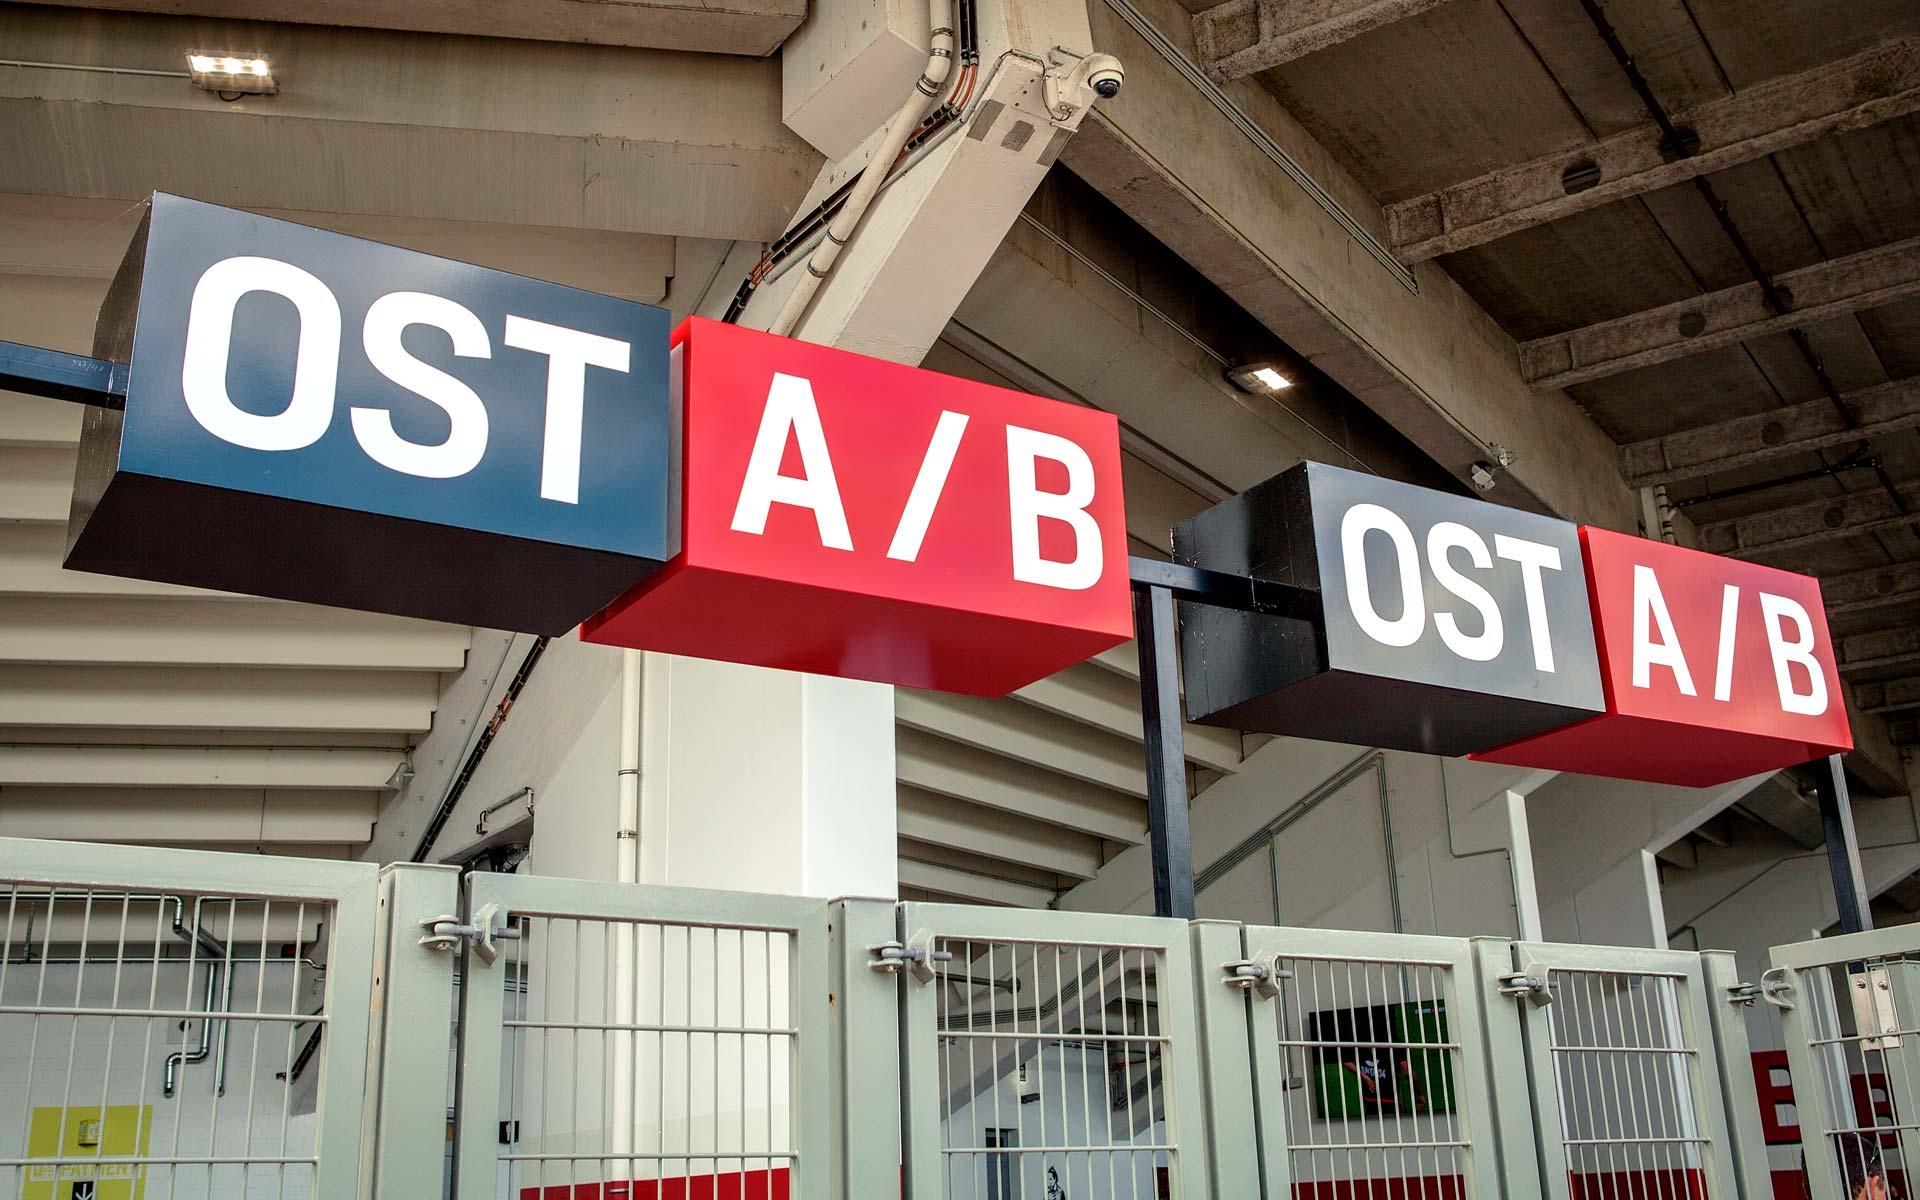 Bayer 04, BayArena Orientierungssystem und Branding, Eingangsbeschilderung Detail